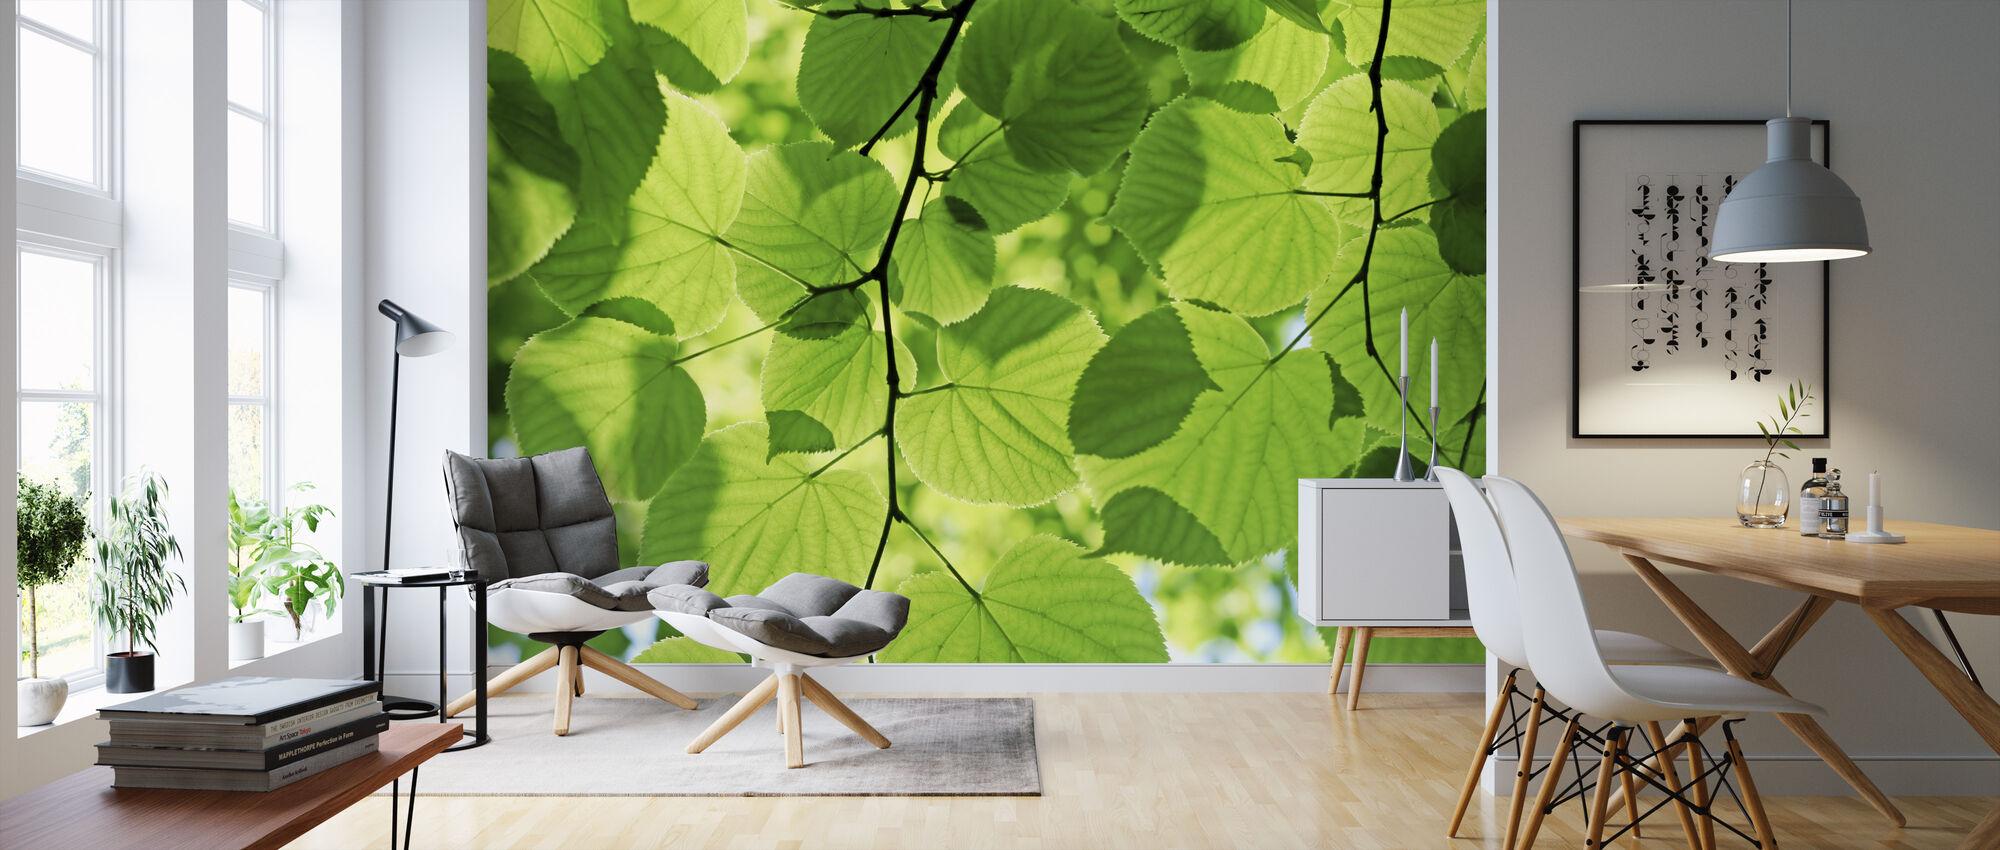 Gloeiende bladeren - Behang - Woonkamer